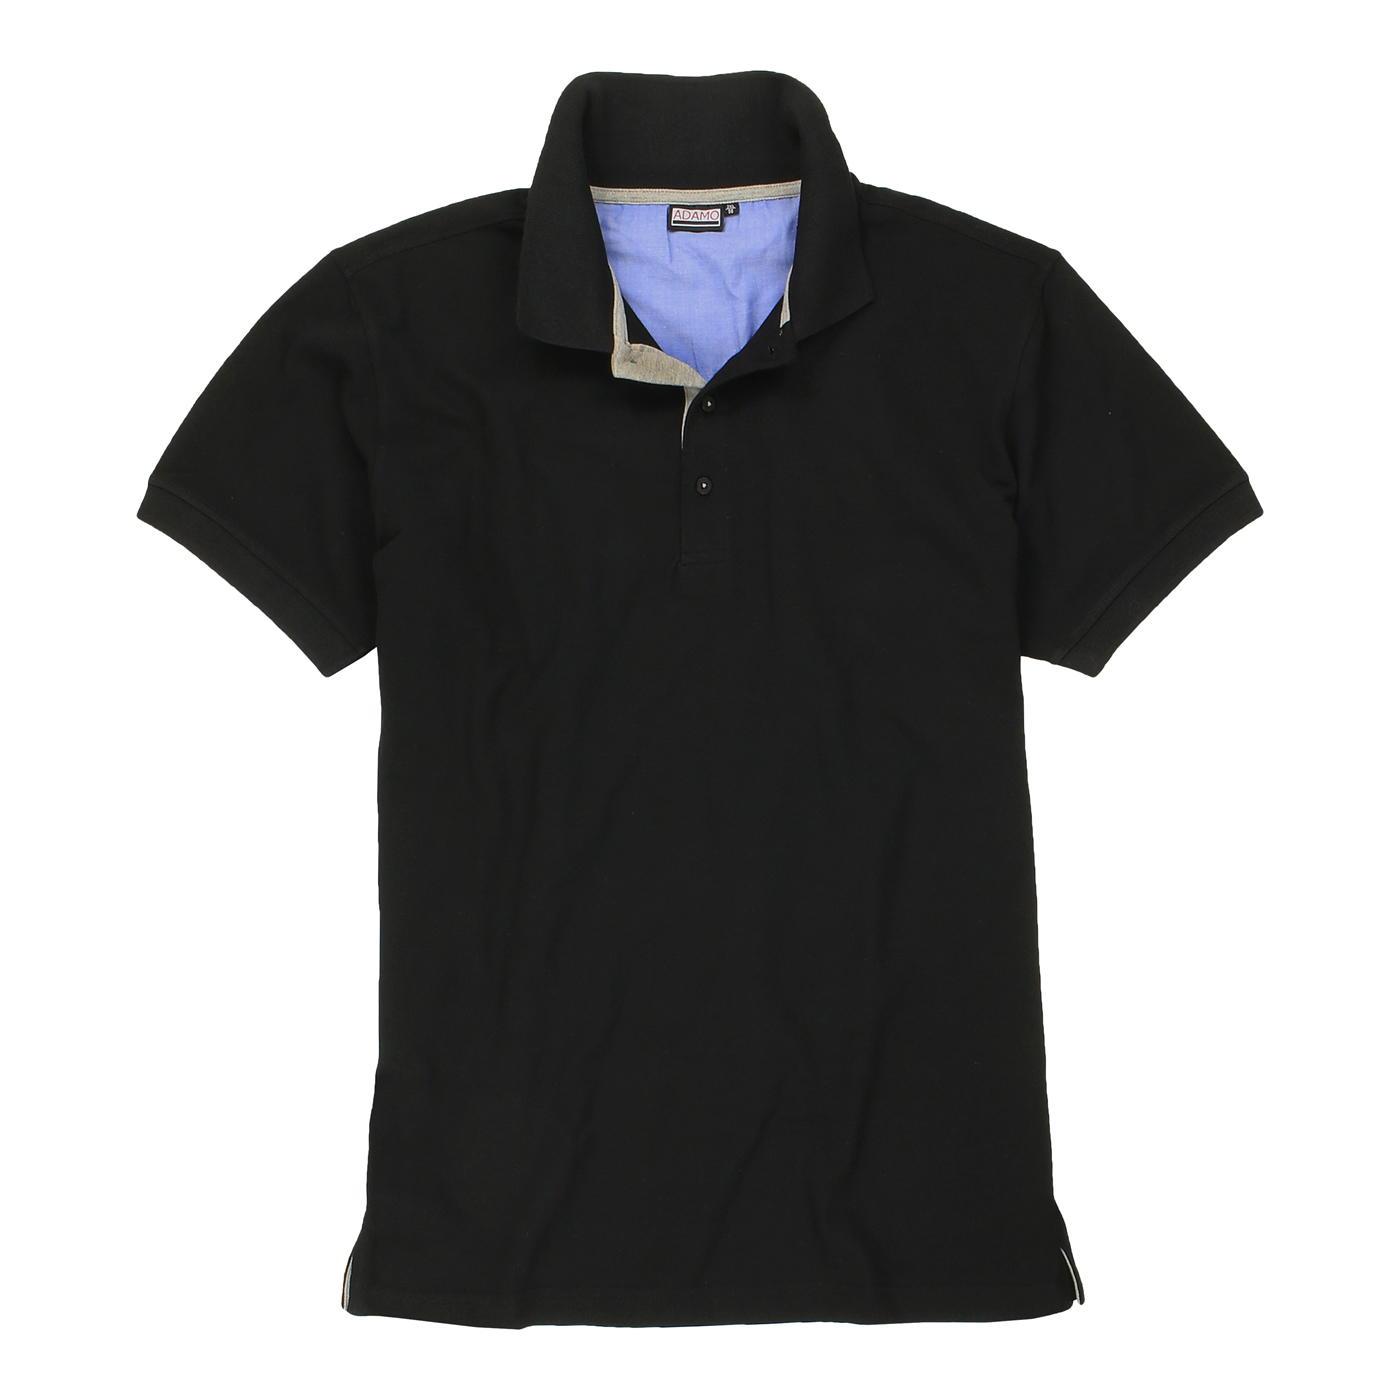 Adamo Paul Herren Pique Poloshirt BAUMWOLLE XXL-6XL